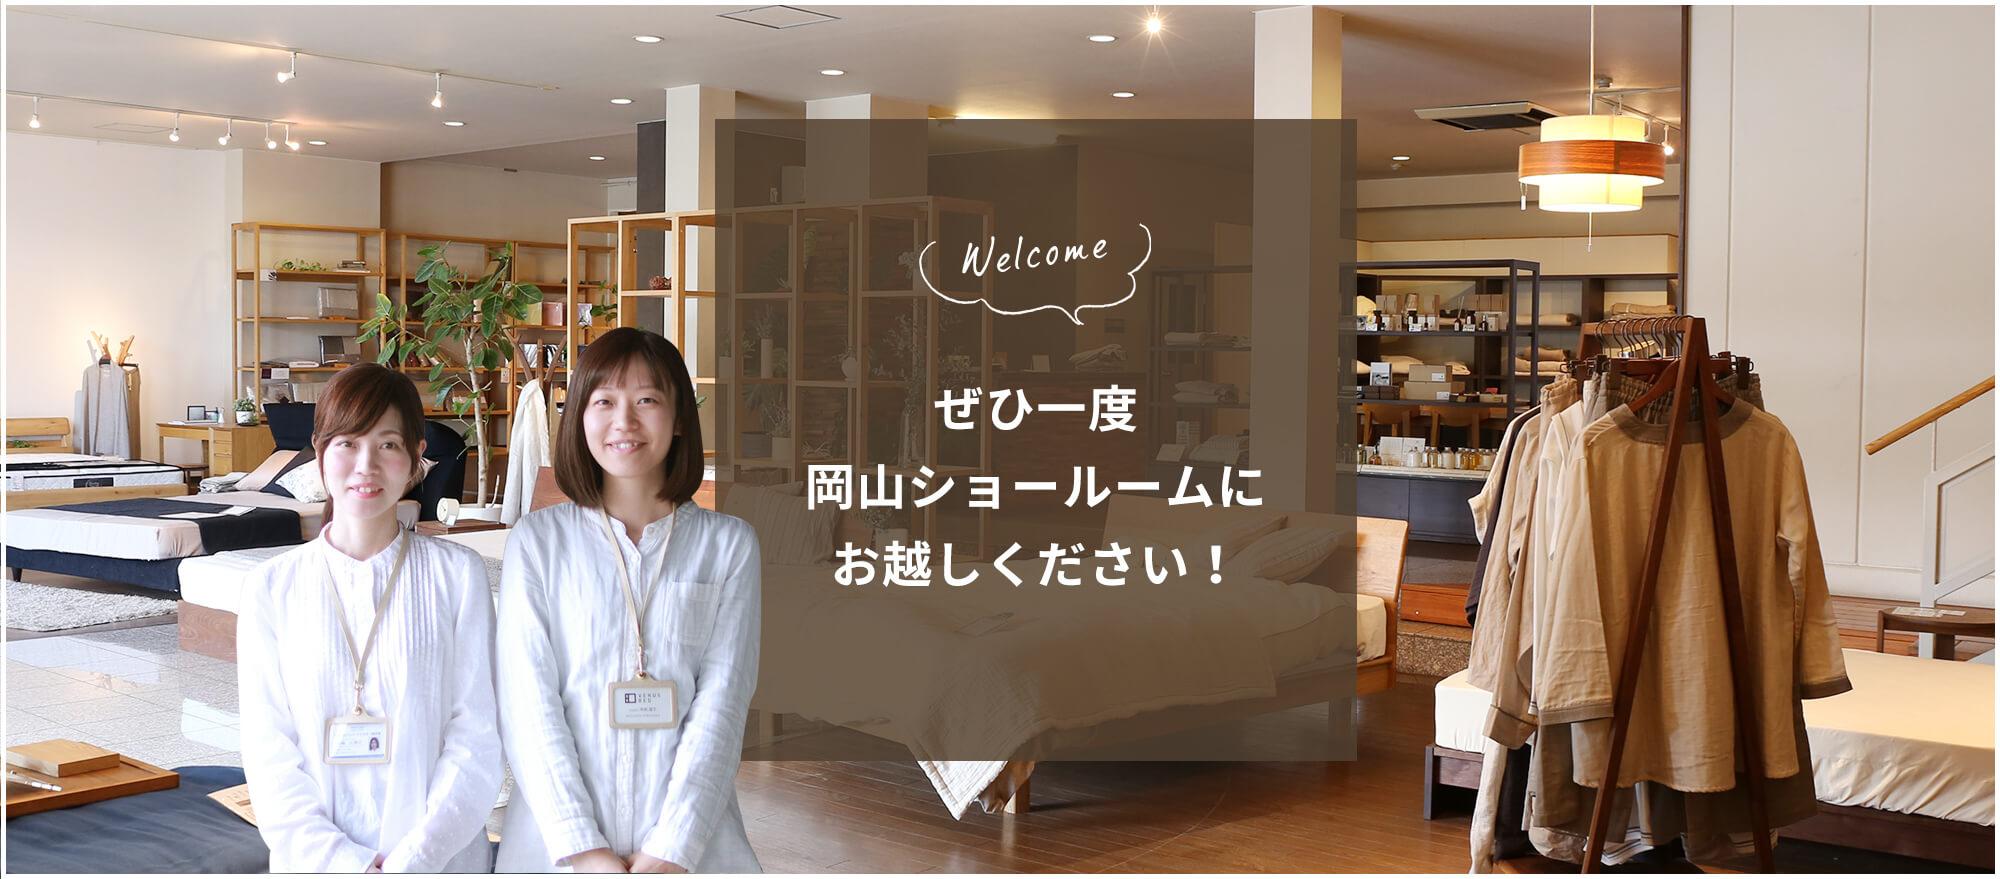 ぜひ一度岡山ショールームにお越しください!